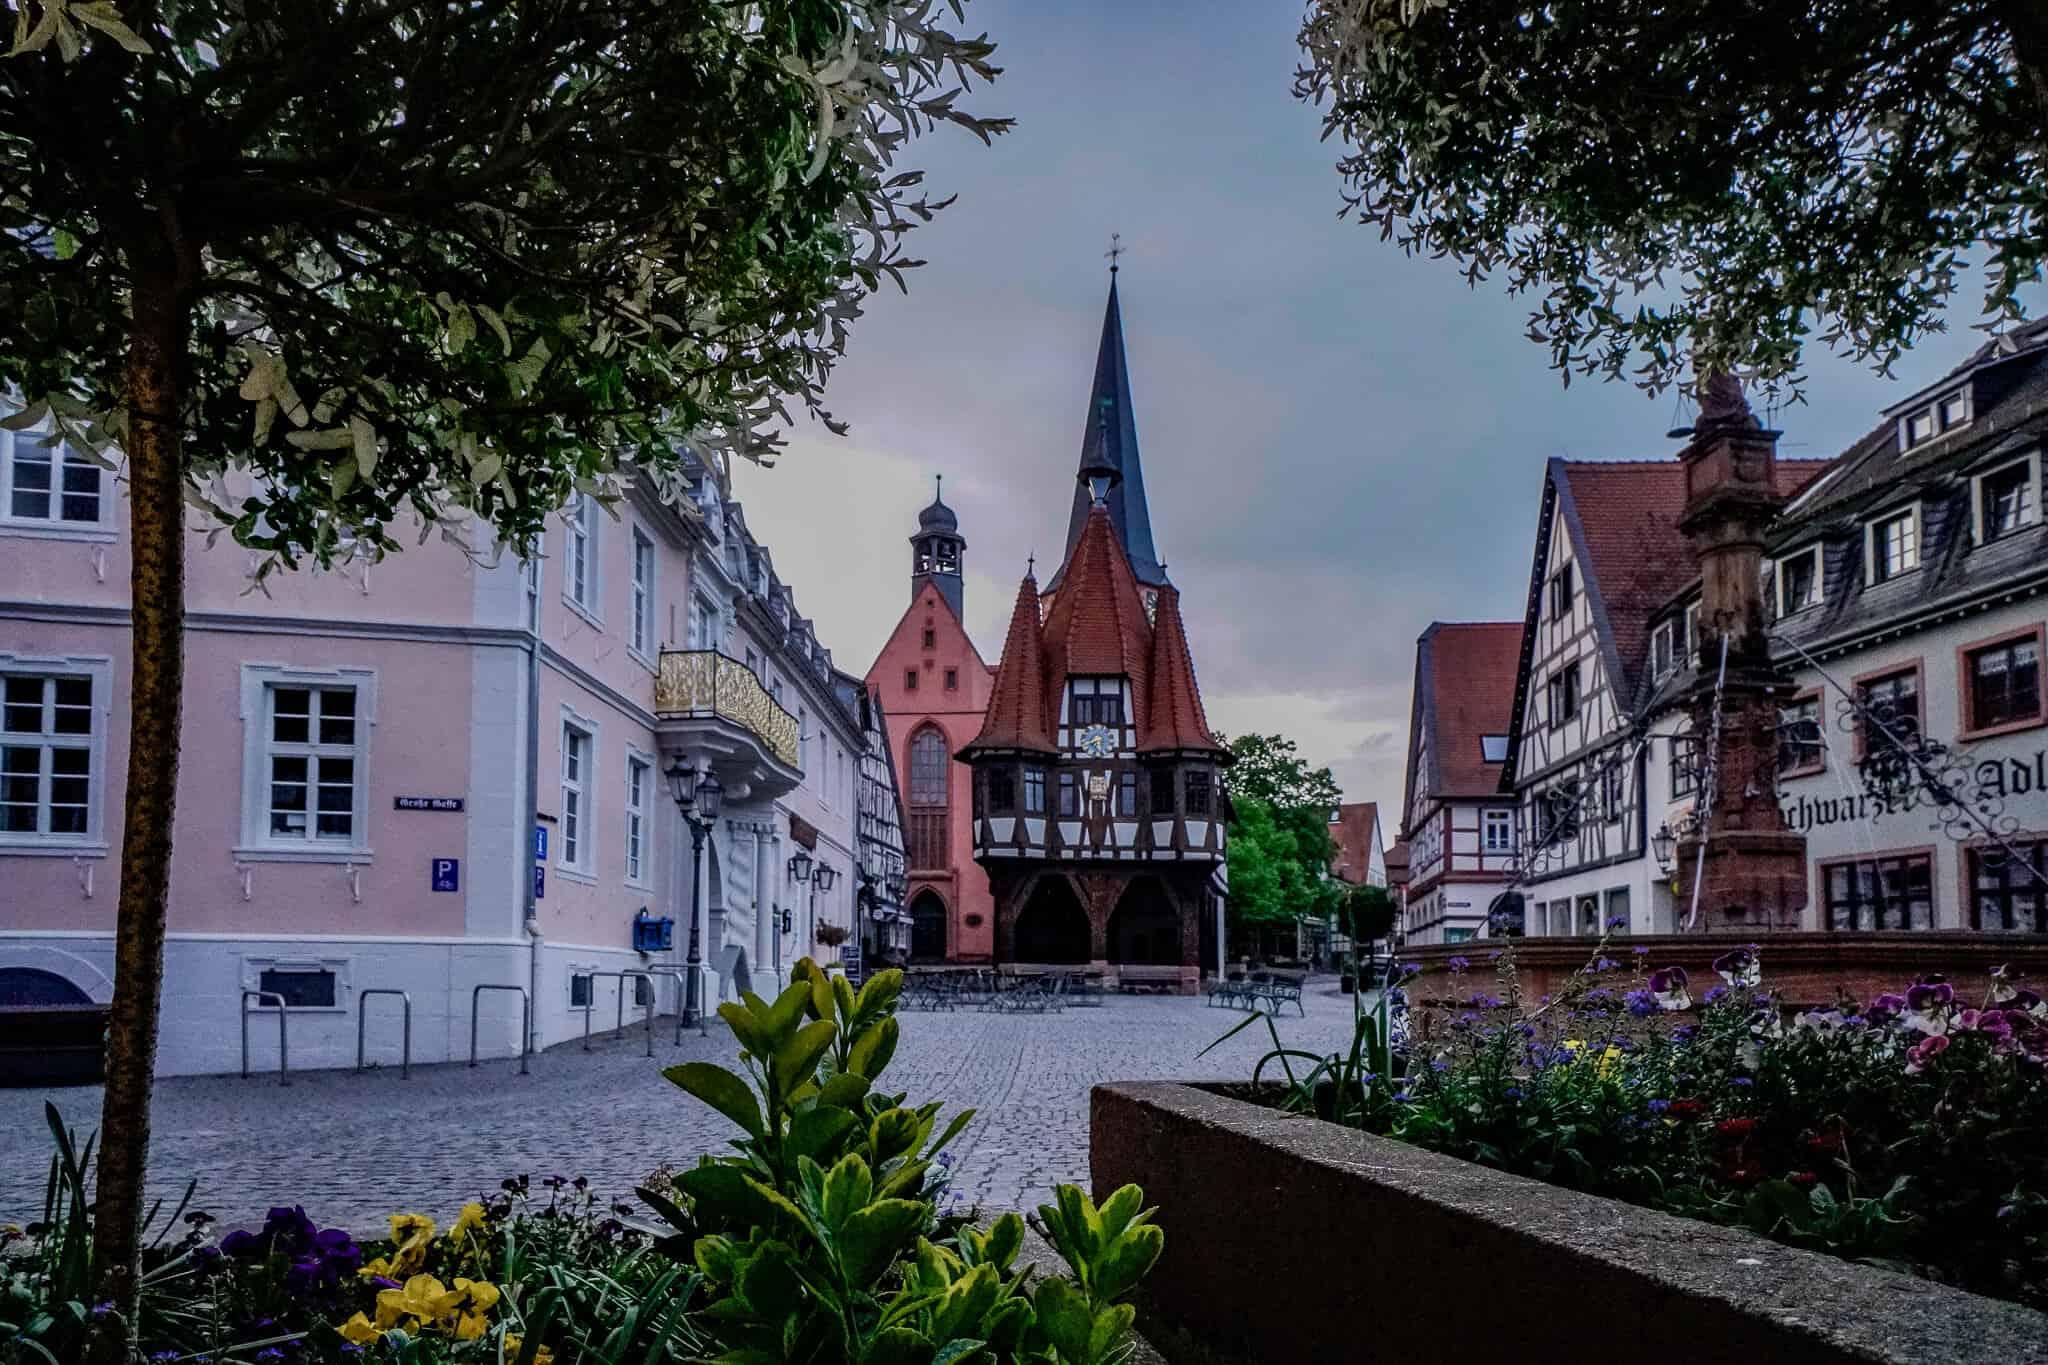 Historisches Rathaus Michelstadt